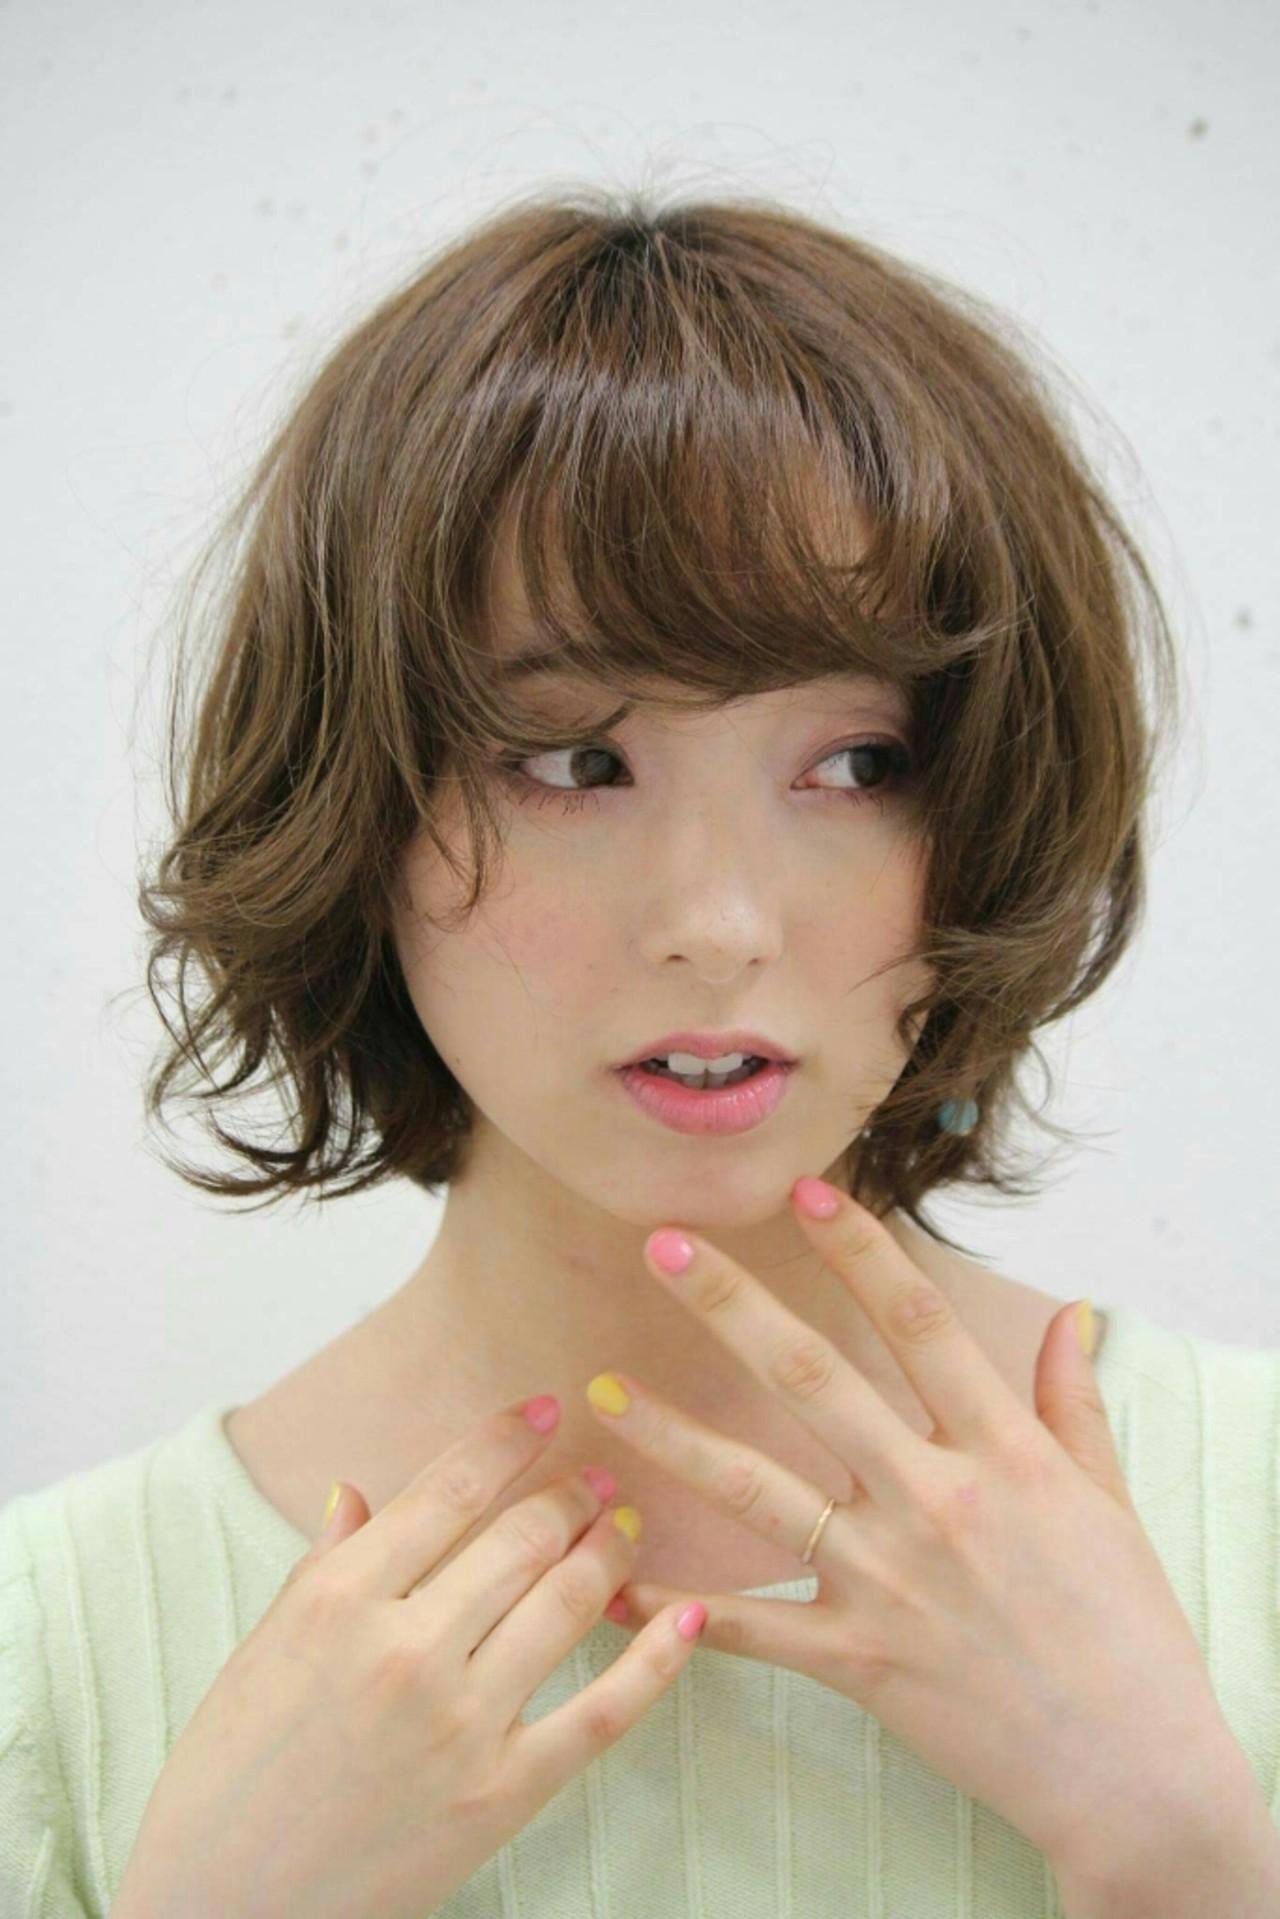 レイヤーカット パーマ ゆるふわ モテ髪 ヘアスタイルや髪型の写真・画像 | asuka /